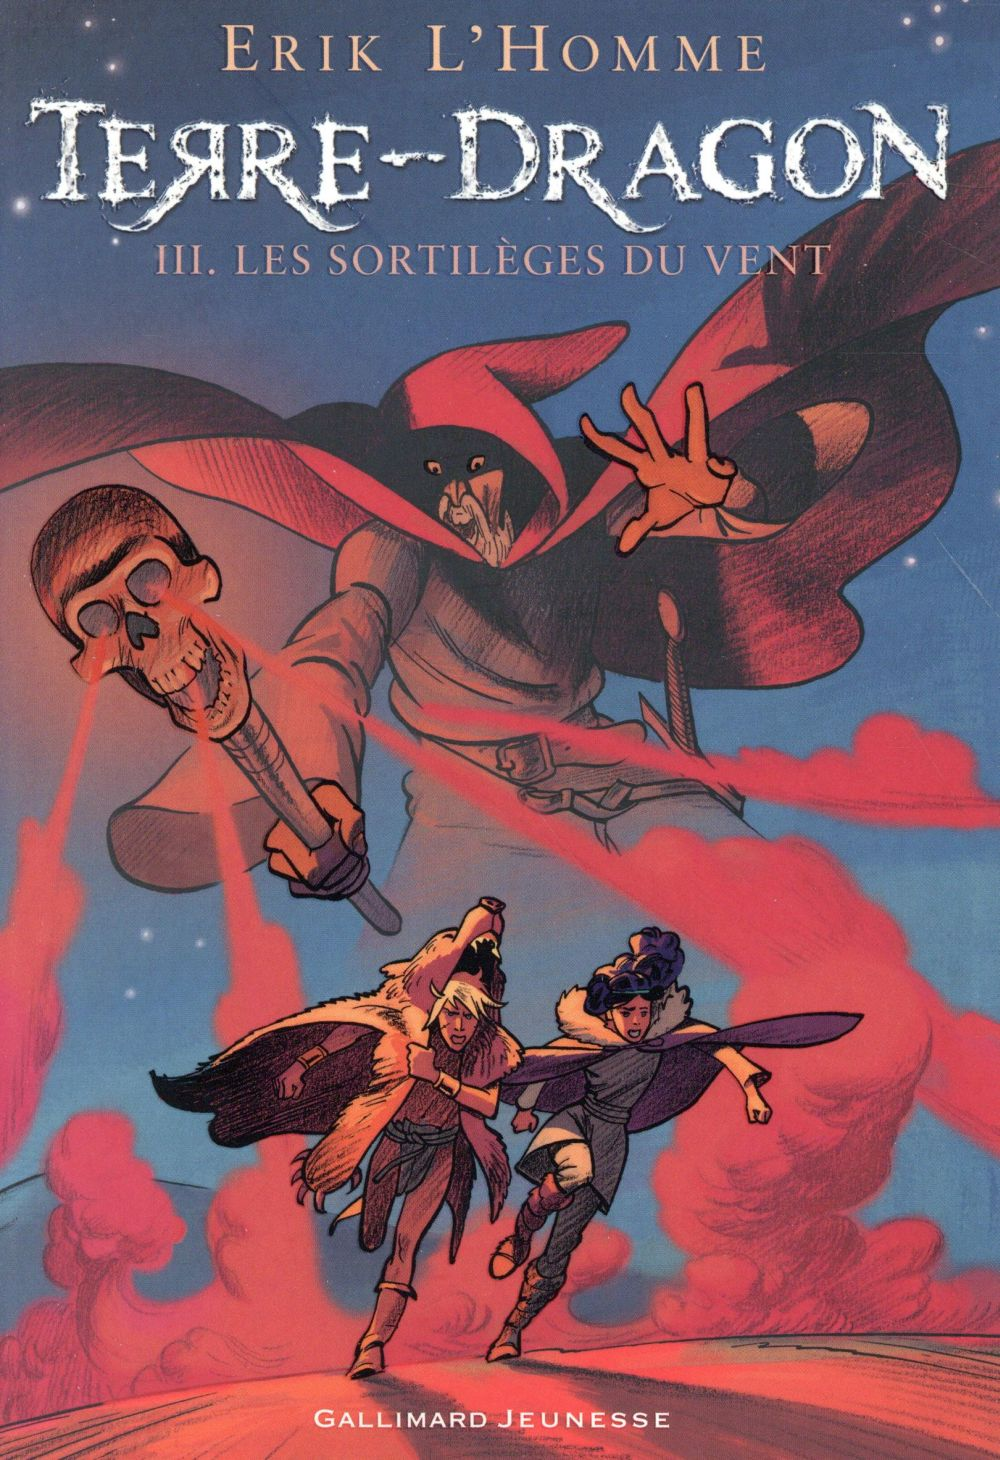 TERRE-DRAGON - LES SORTILEGES DU VENT L'HOMME ERIK Gallimard-Jeunesse